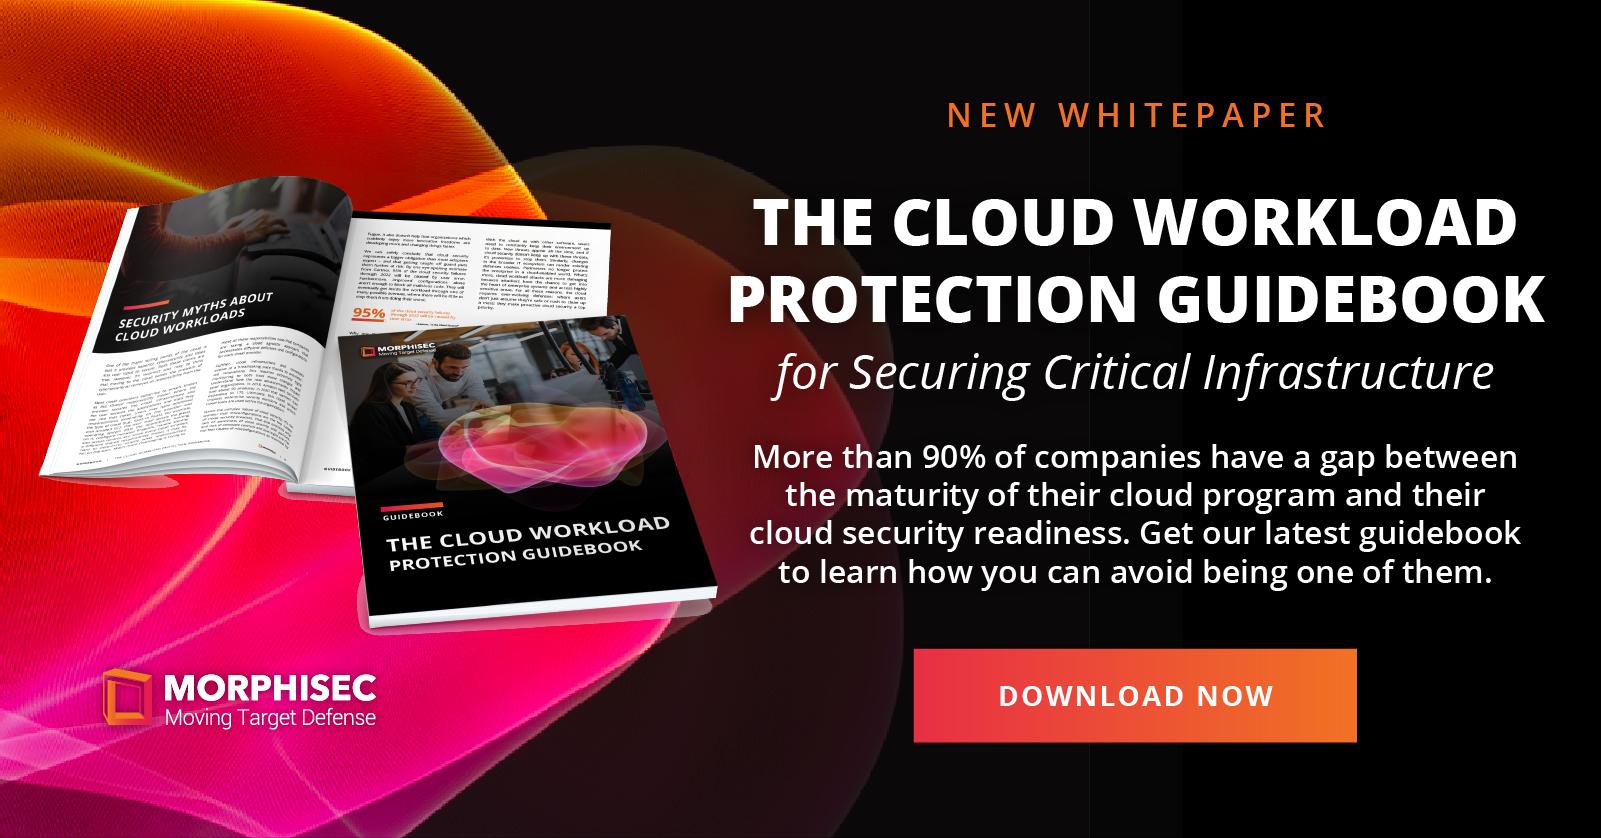 Cloud Workload Guidebook